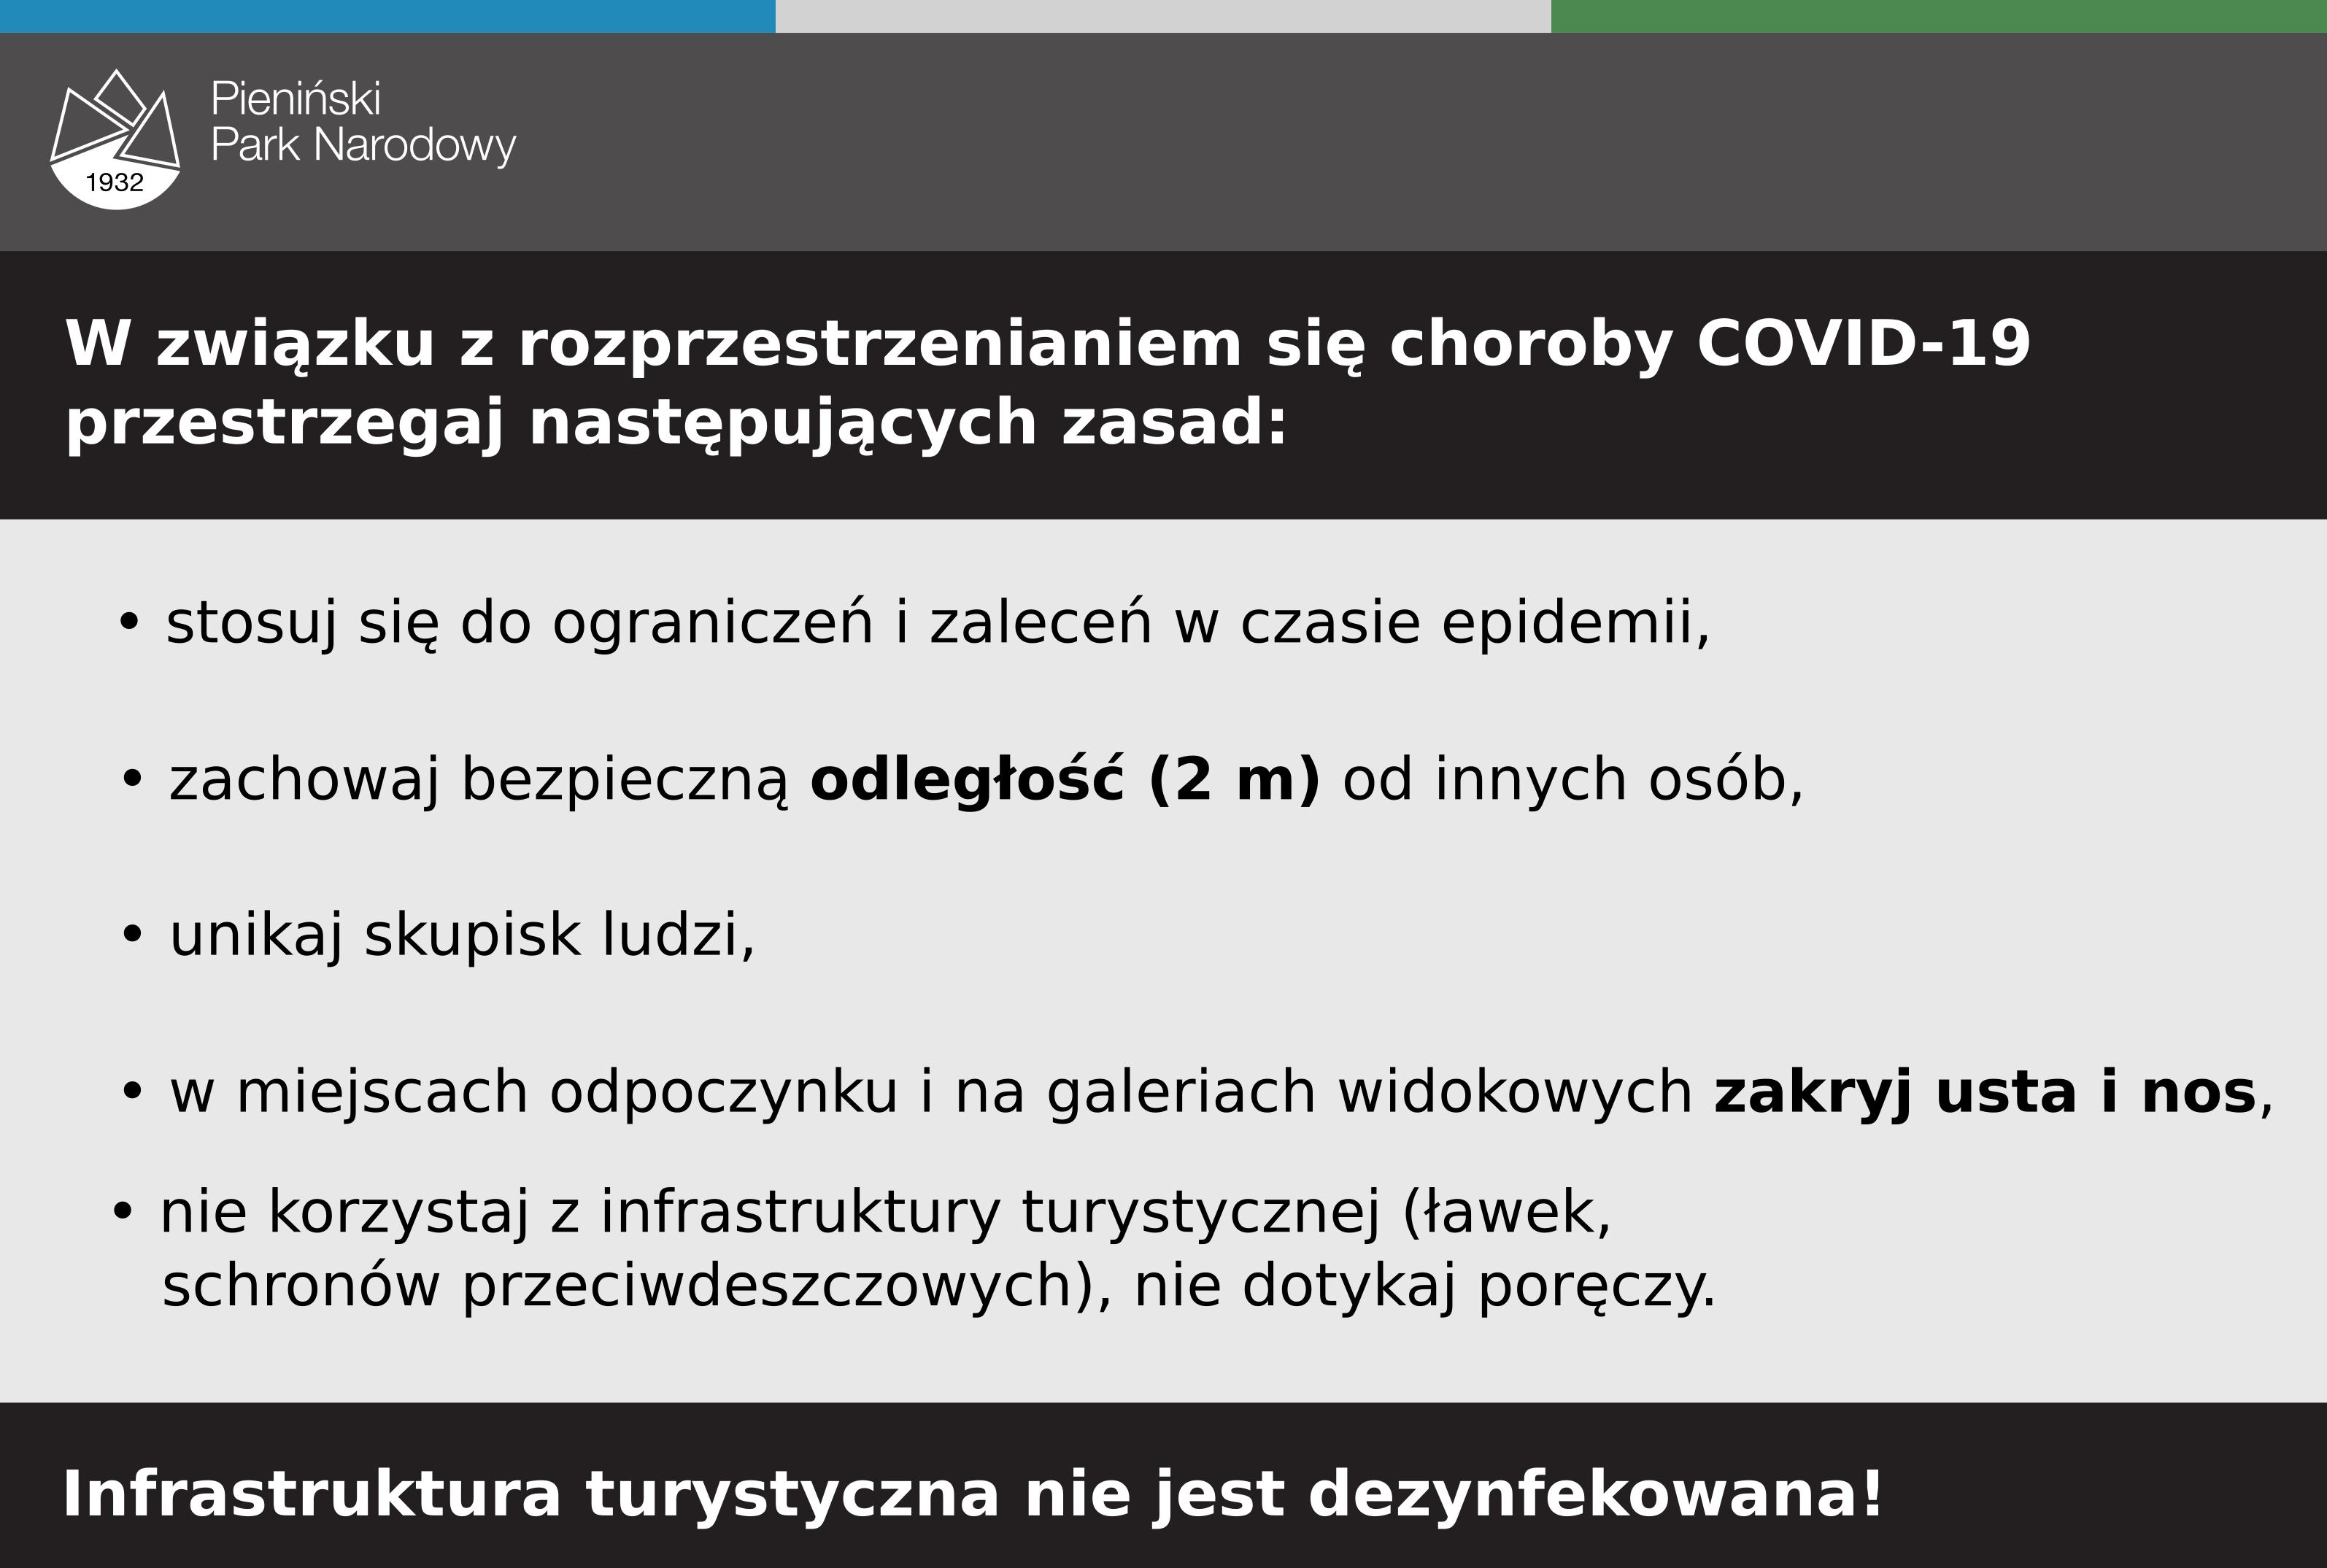 Informacje dotyczące zasad w czasach epidemii - dostępne też w komunikacie o warunkach na szlakach